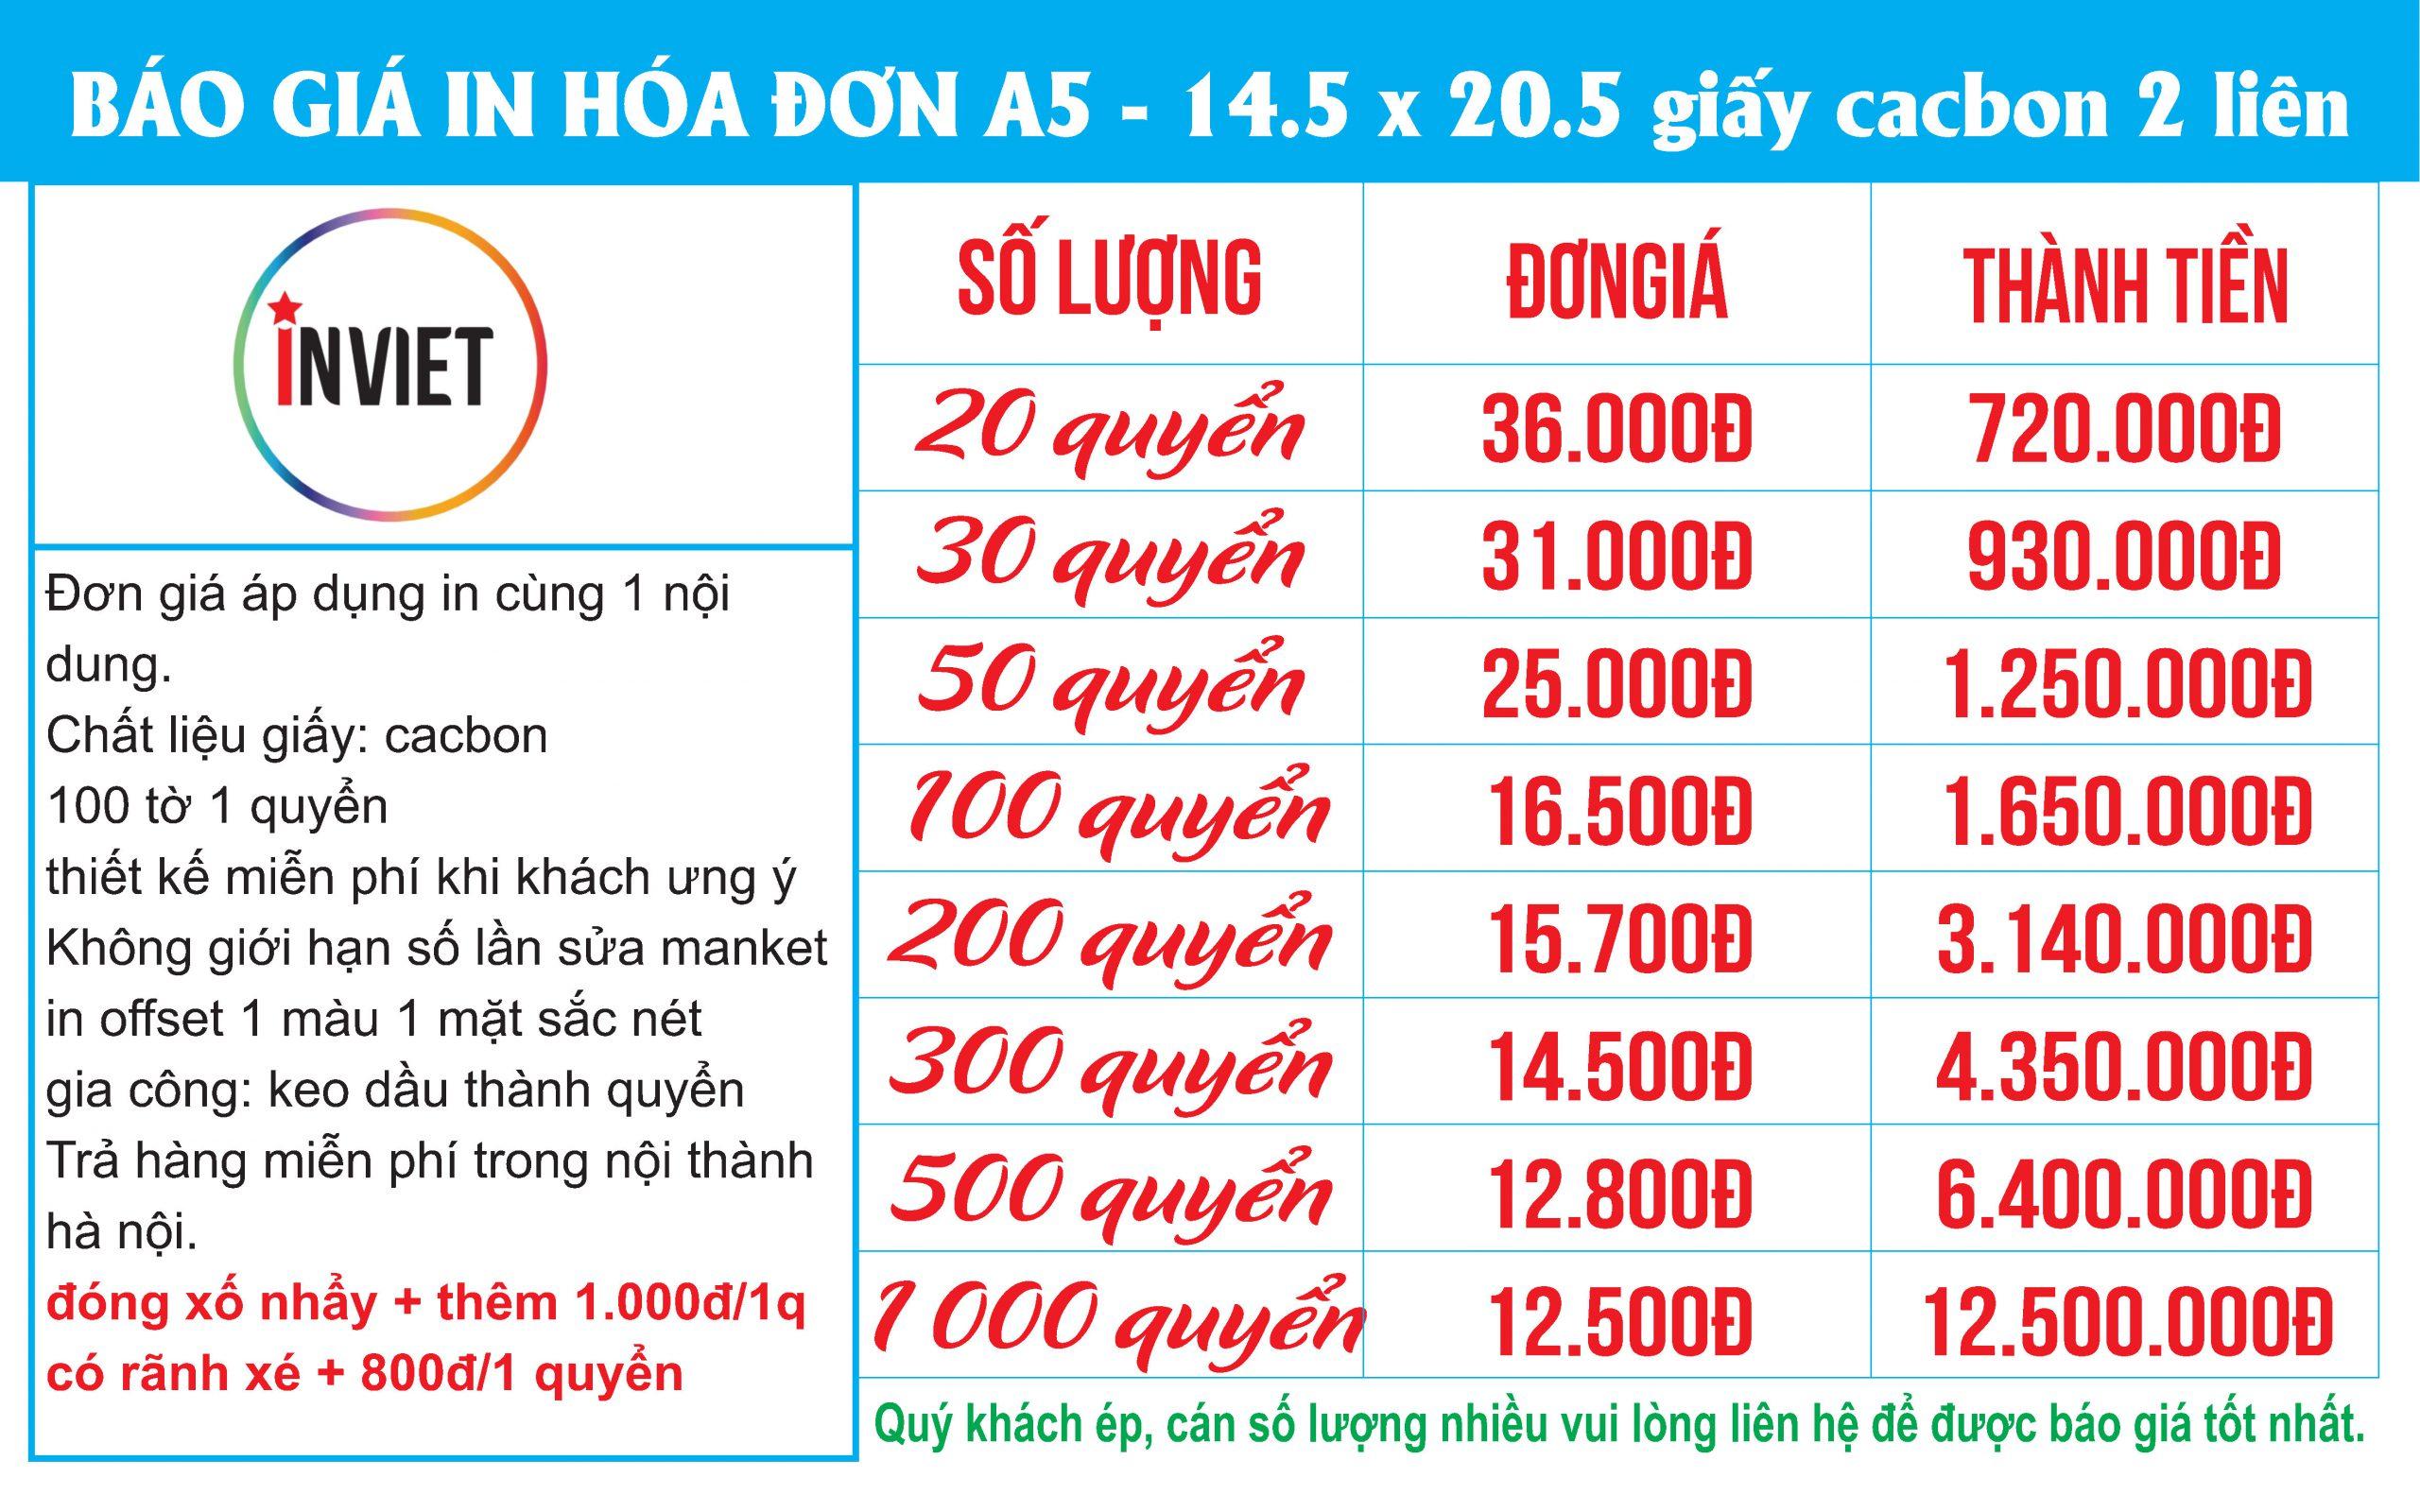 in hóa đơn A5 2 liên giá rẻ nhất tại hà nội